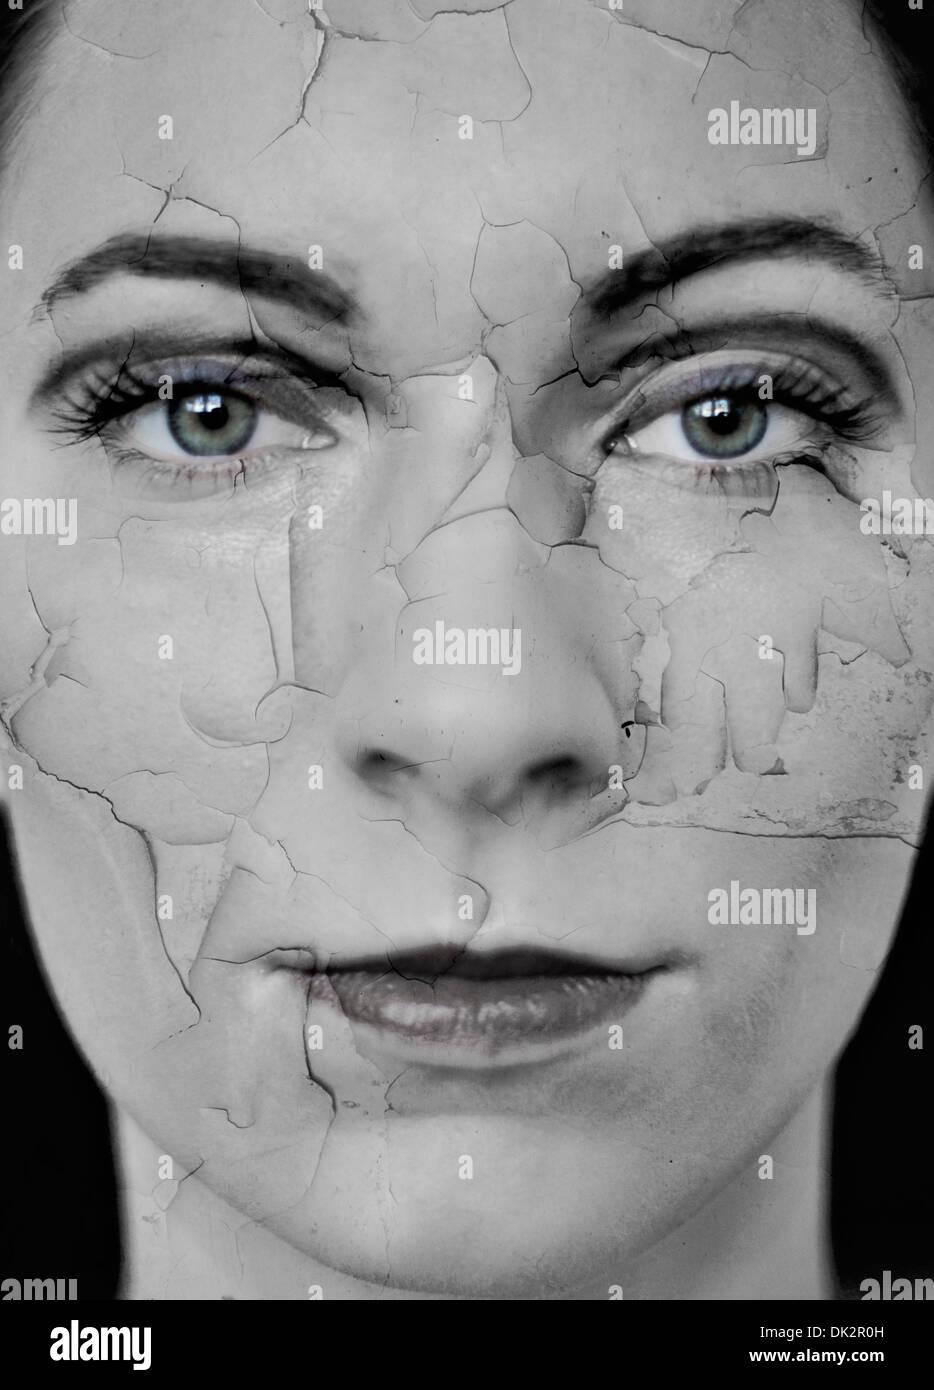 Mujer con sequedad de la piel agrietada, compuesta digital Imagen De Stock